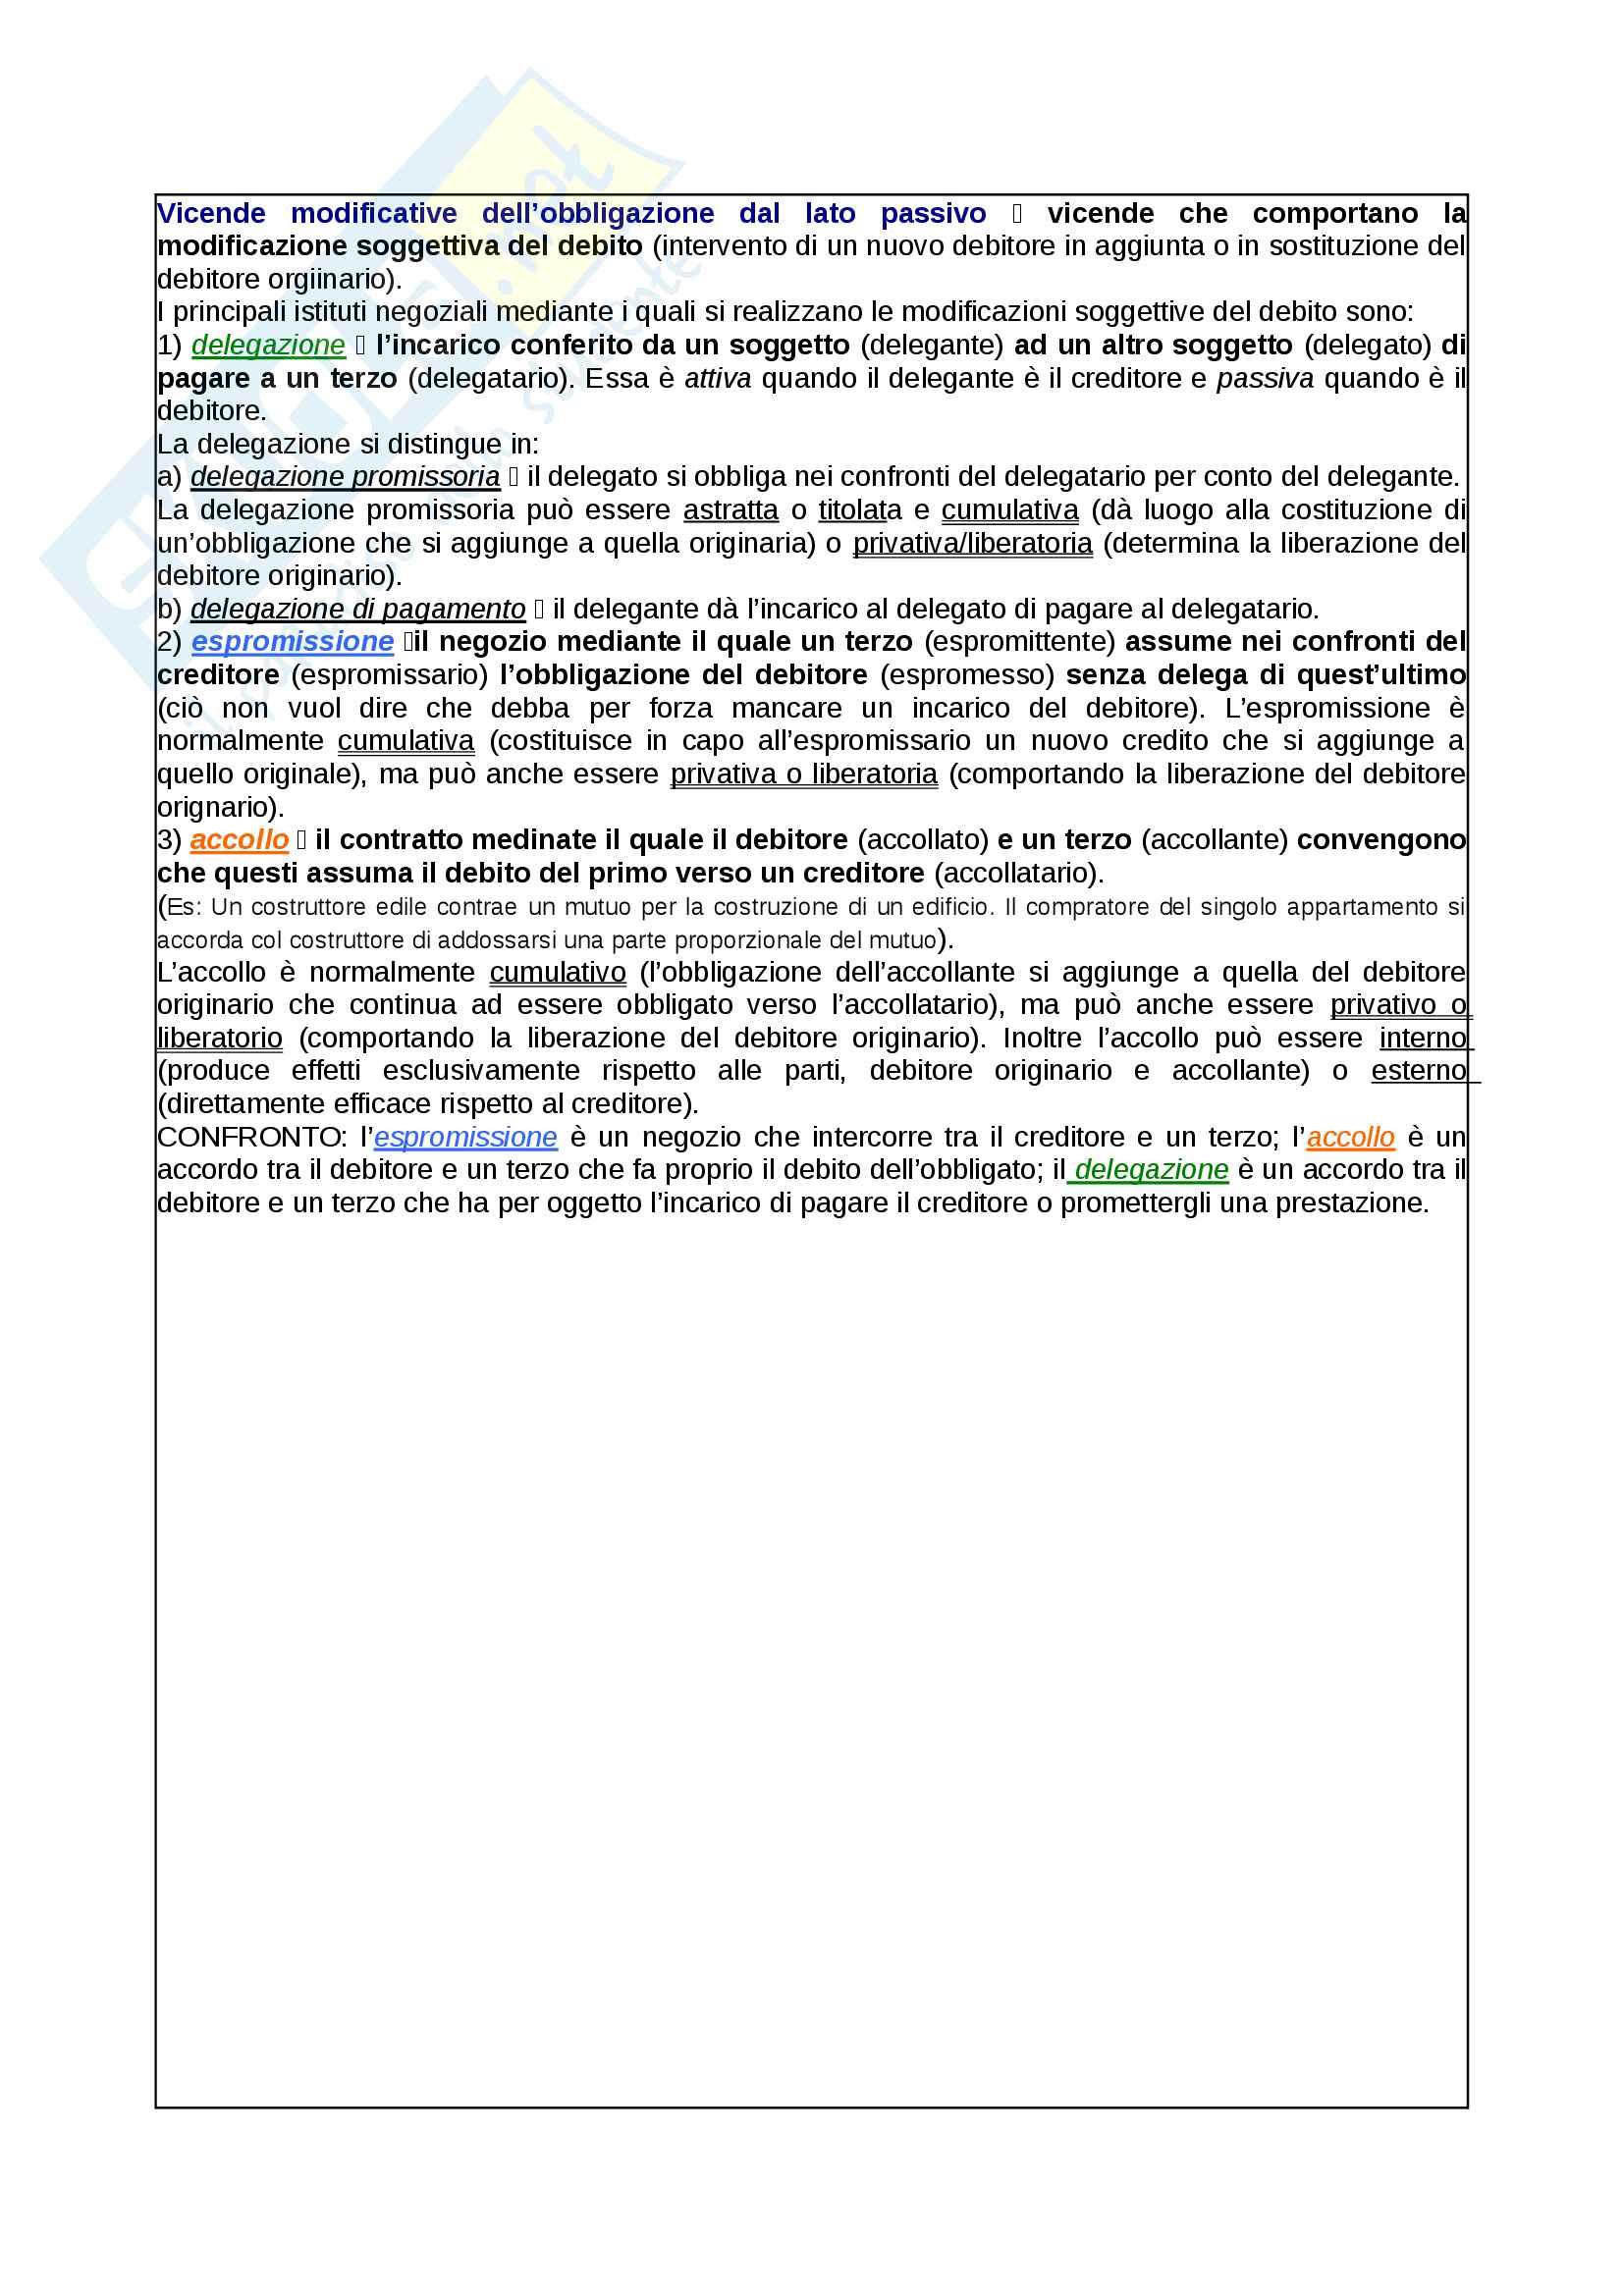 Appunti Diritto Privato Pag. 31